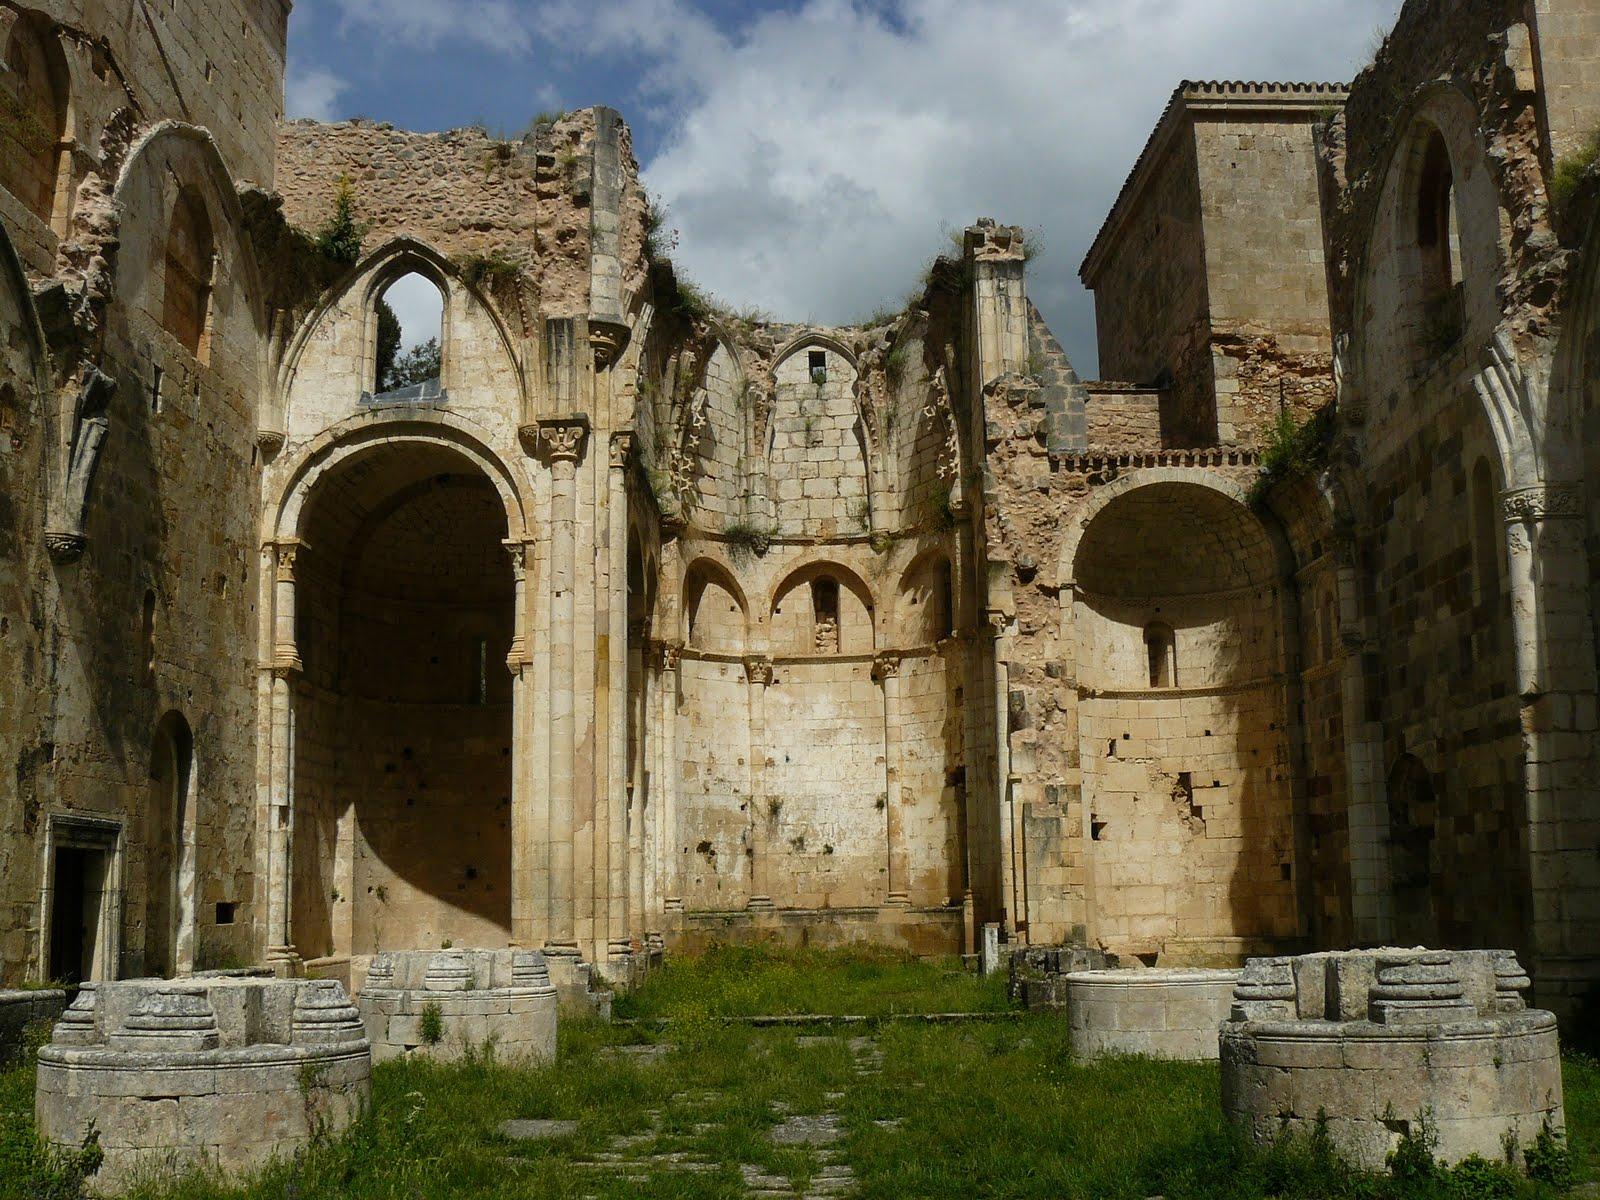 Claustro de Palamos posiblemente el claustro románico de San Pedro de Arlanza (Burgos) sigloXII